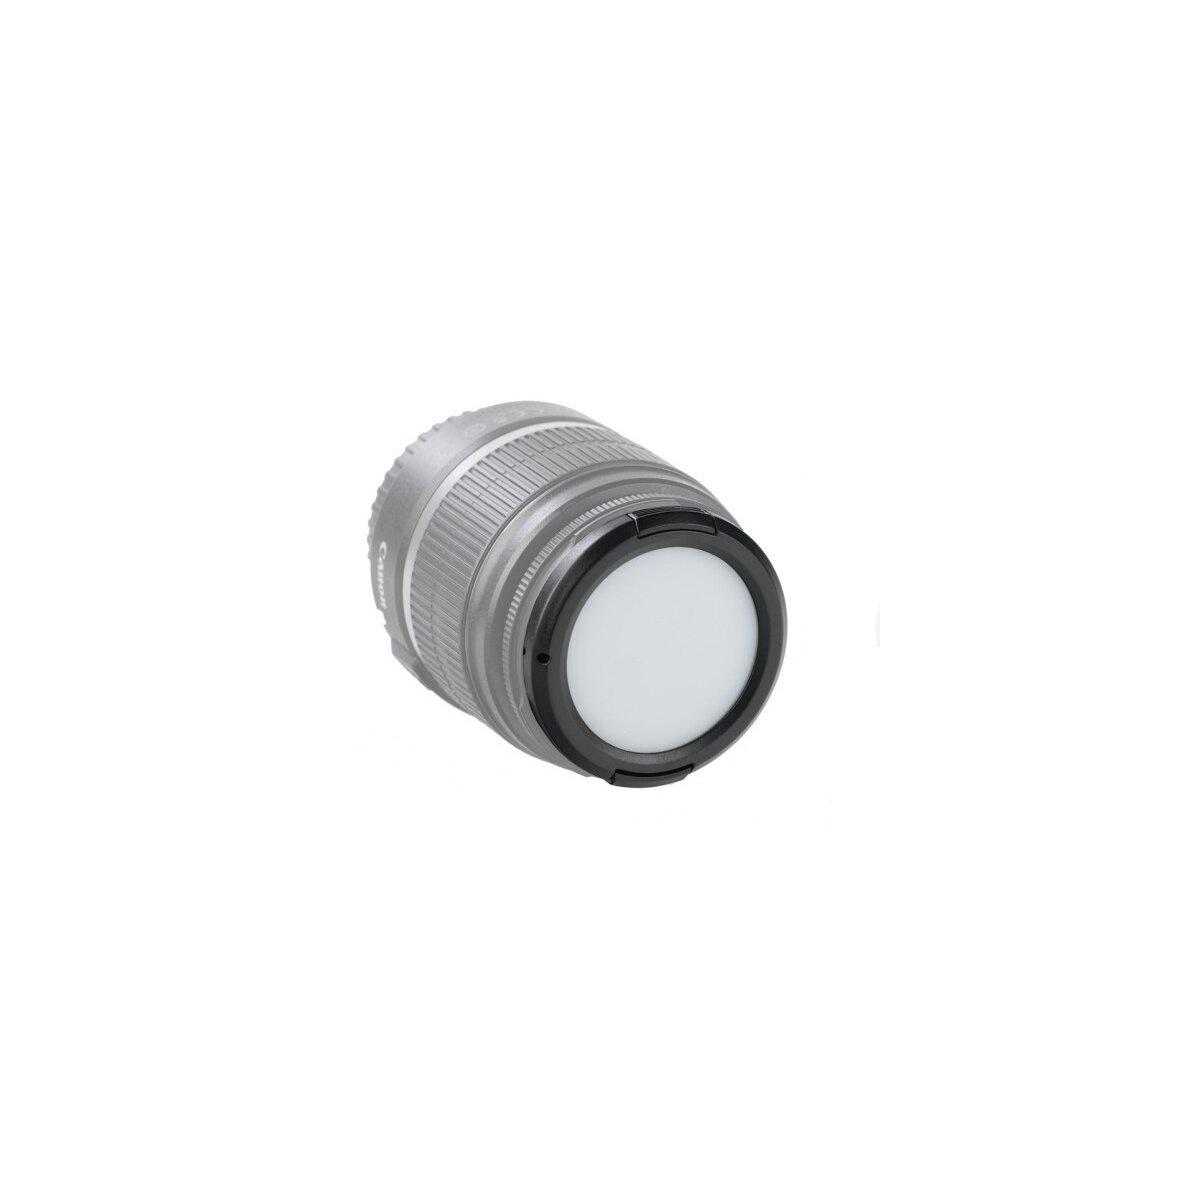 Weißabgleich Schnappdeckel 77mm - White Balance Cap 77mm - Graukarte, Objektivdeckel